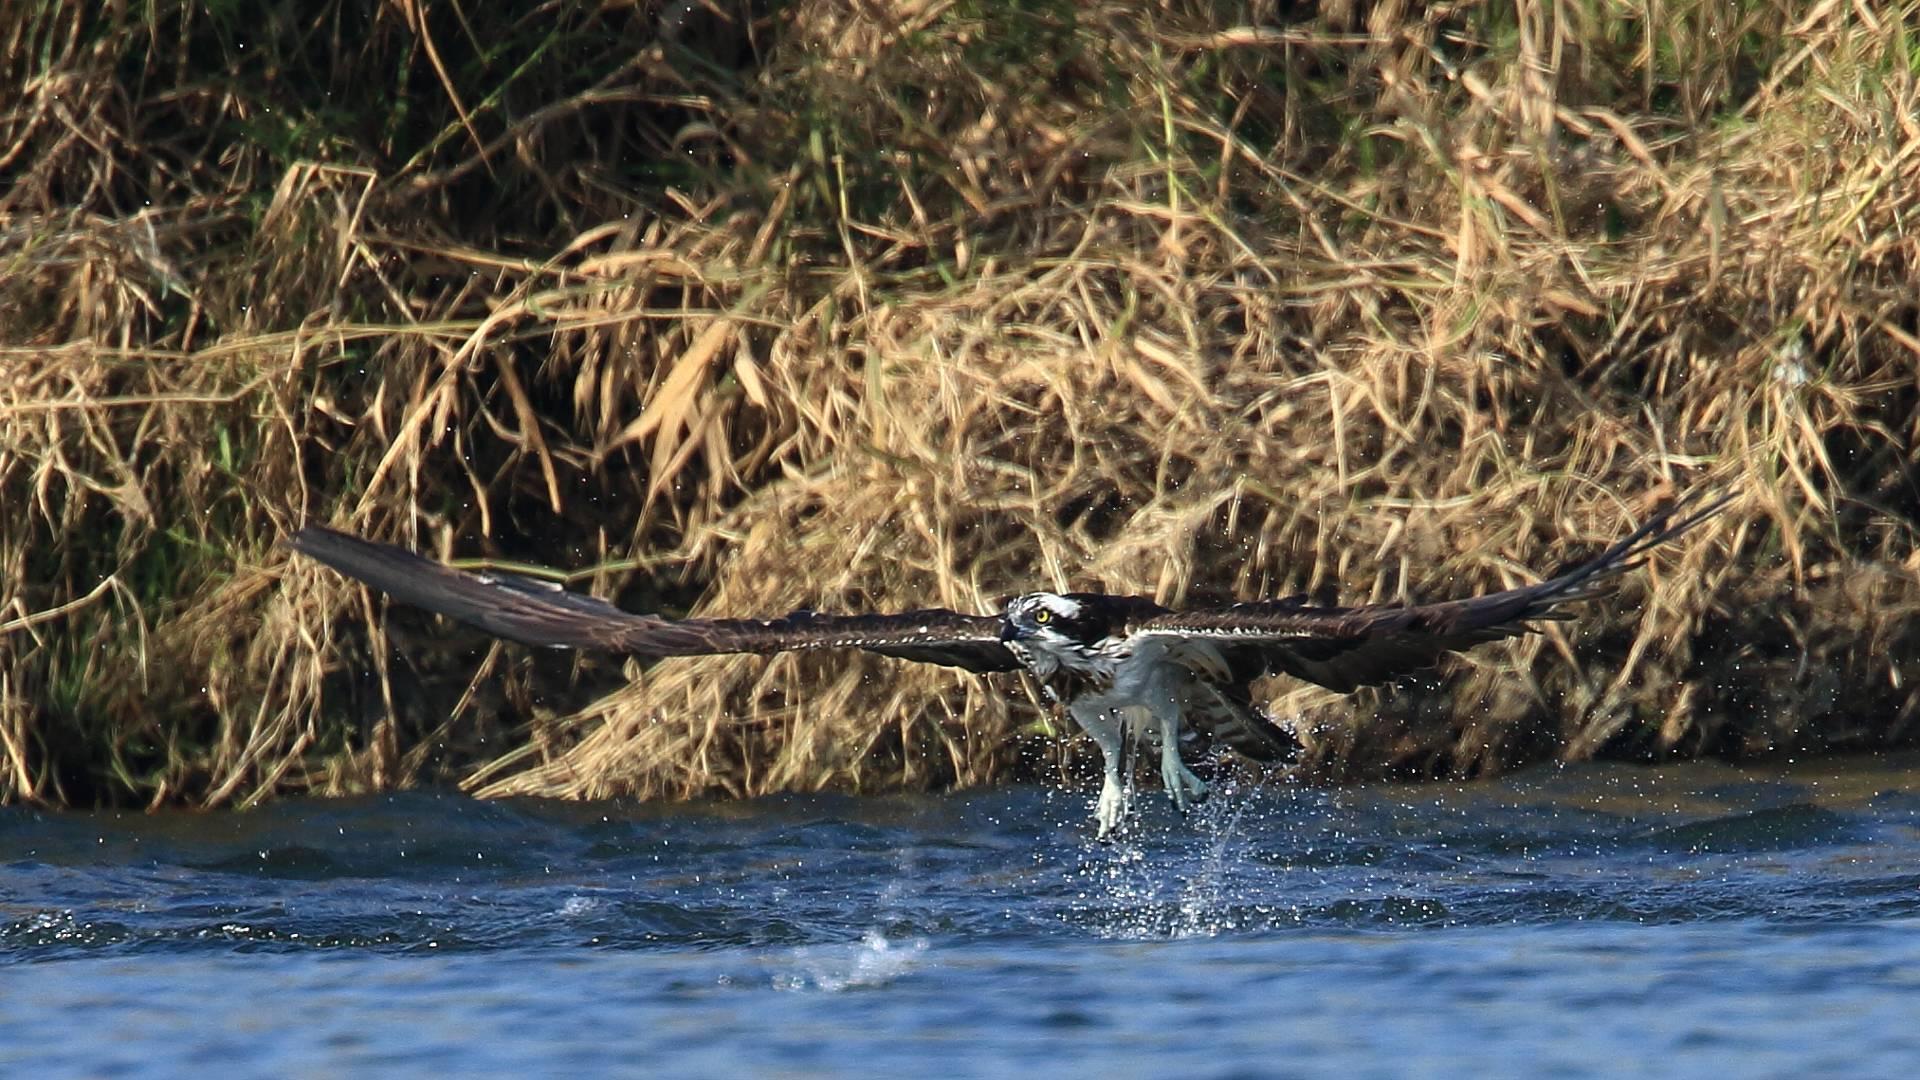 相模川のミサゴ漁は失敗_f0105570_21585841.jpg